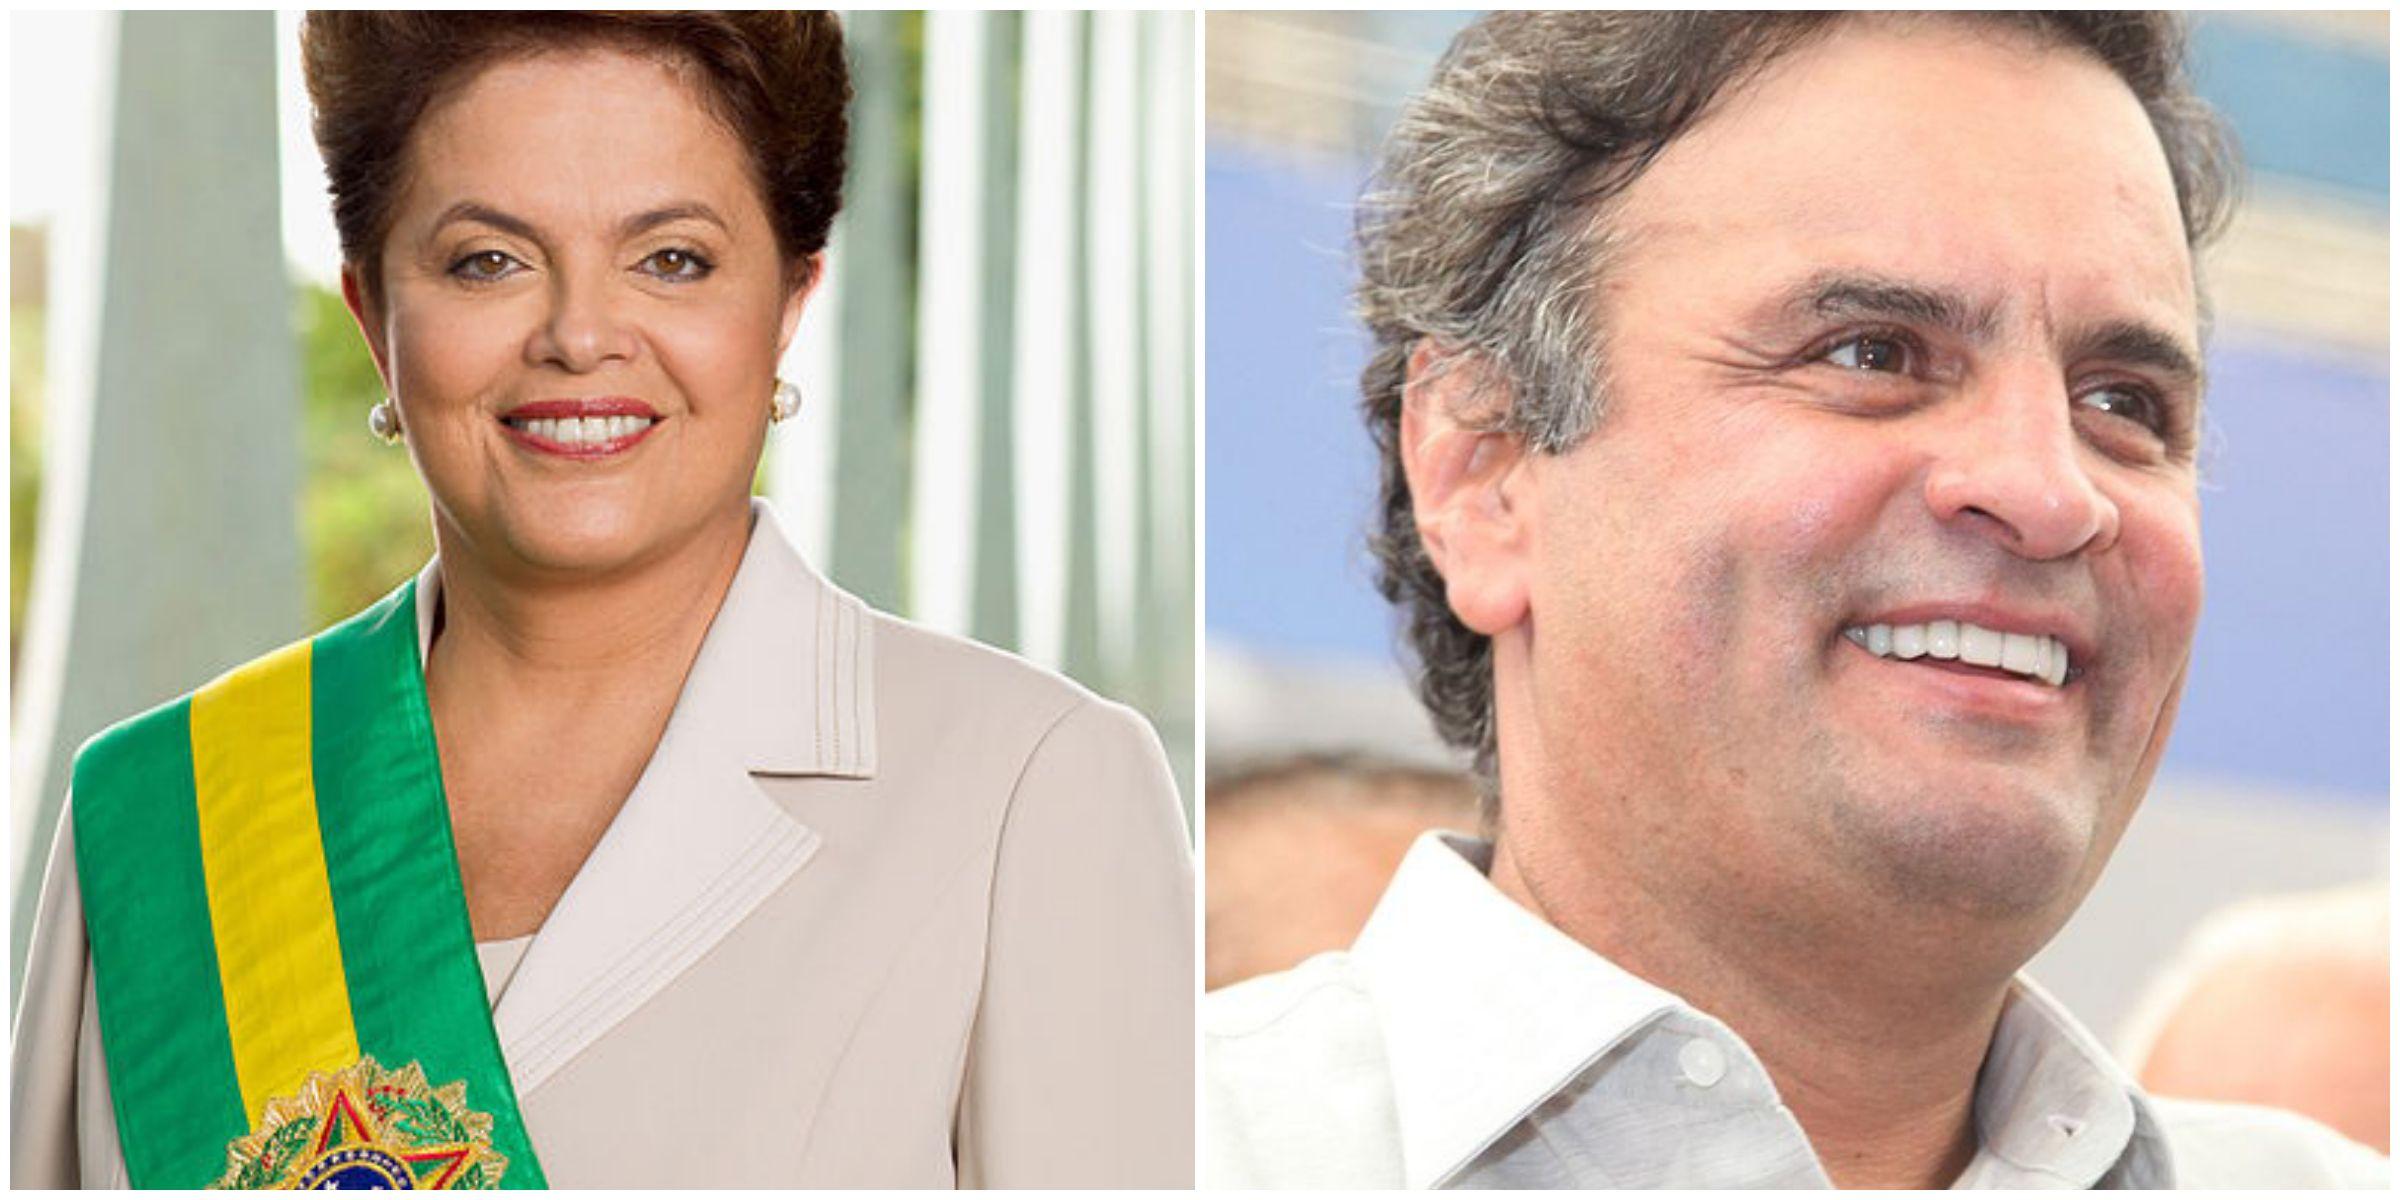 Dilma Rousseff by Roberto Stuckert Filho/Presidência da República (Agência Brasil) [CC-BY-3.0-br] Aecio Neves, by PSDB MG [CC-BY-2.0]